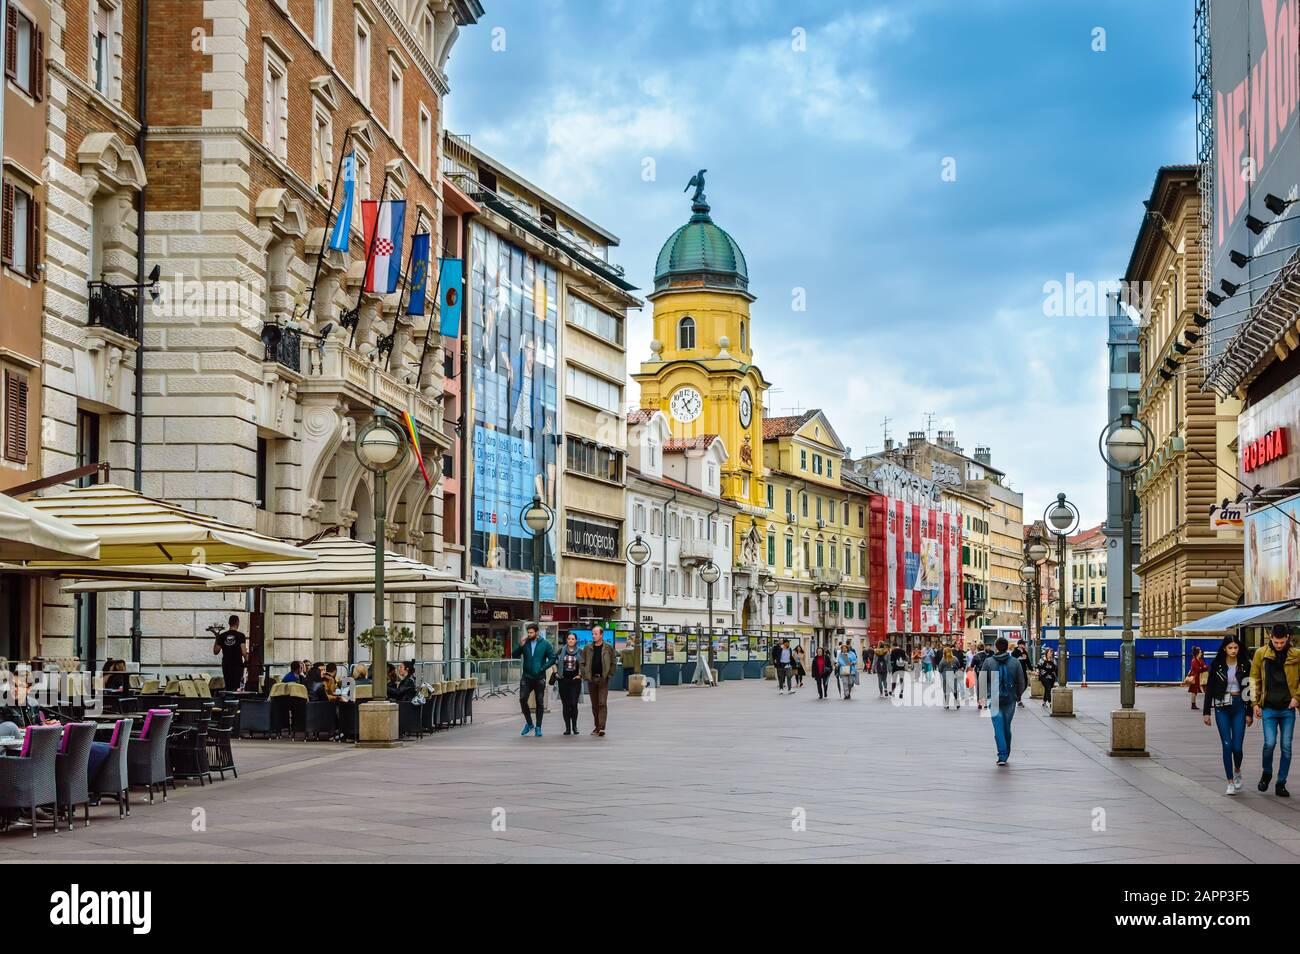 Rijeka, Croacia - 19 de mayo de 2019: City Clock Tower y Korzo, el paseo principal de Rijeka, Croacia. Calle comercial en el centro de la ciudad con tiendas, cafés y Foto de stock